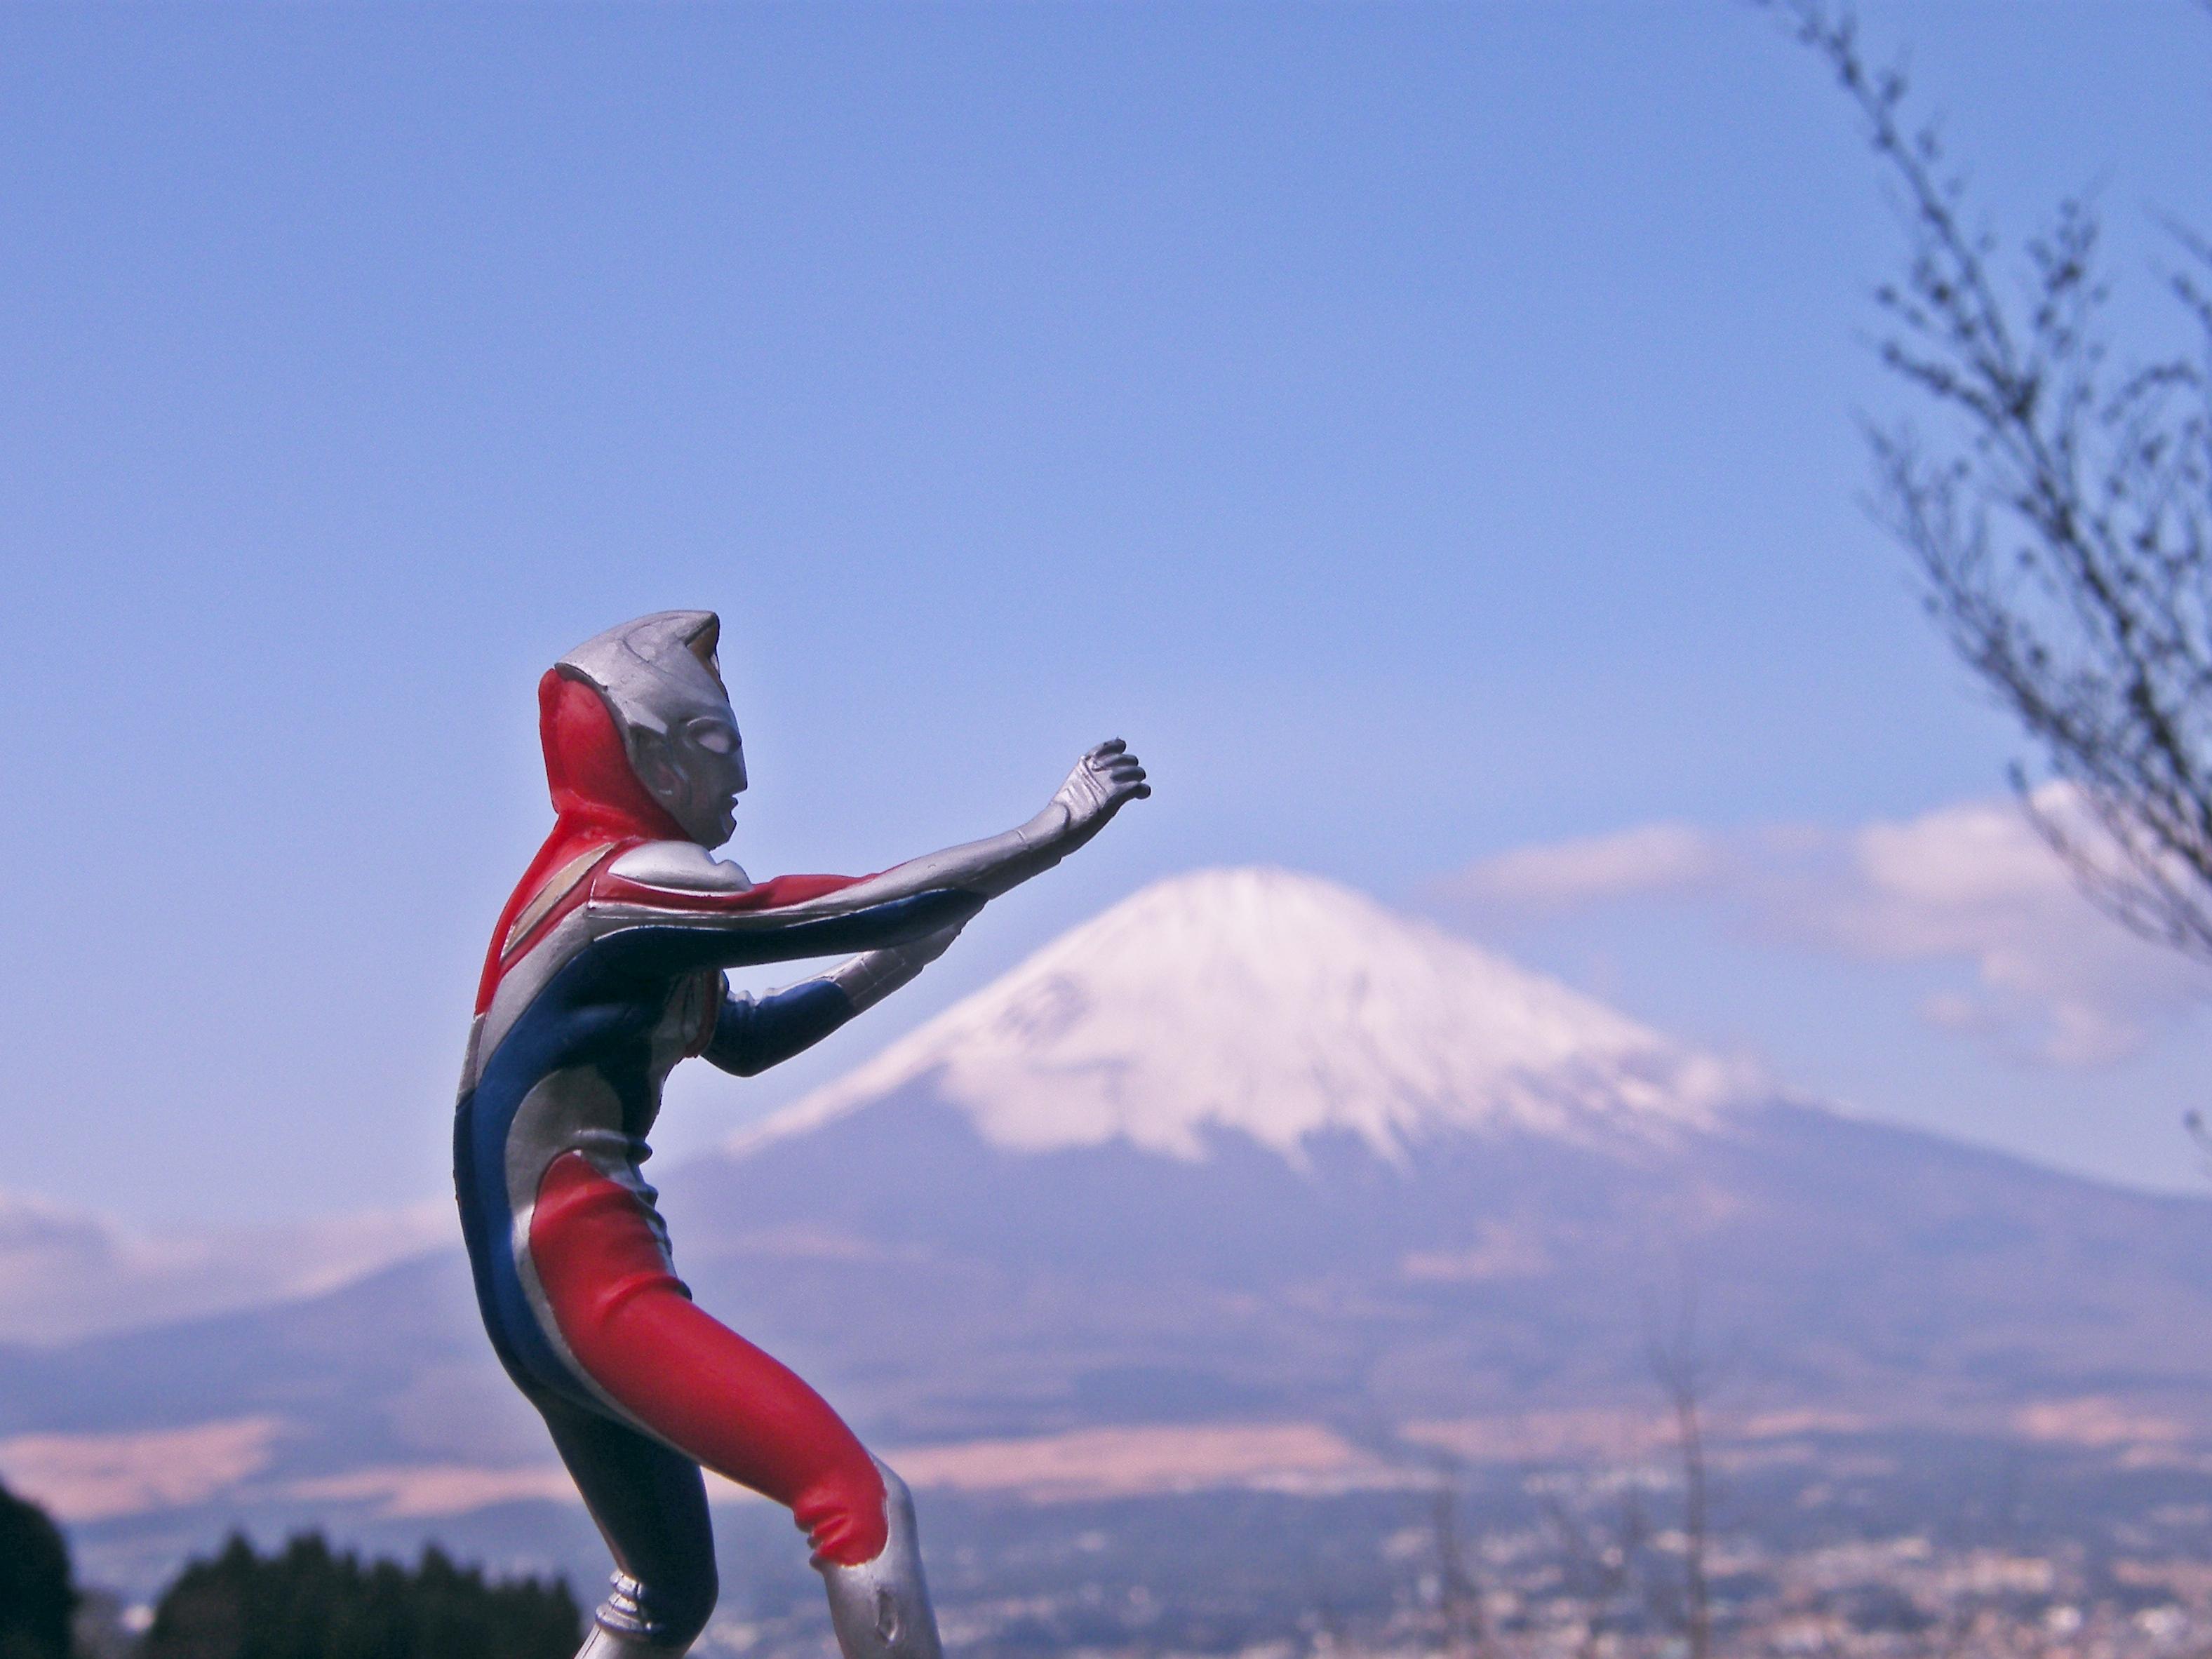 ウルトラマン&富士山